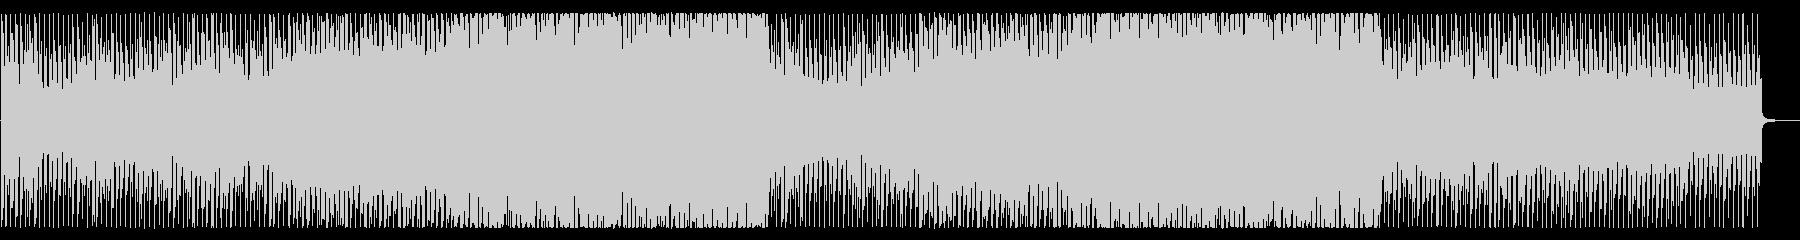 エレクトロ調のダンジョン・ボス戦風BGMの未再生の波形